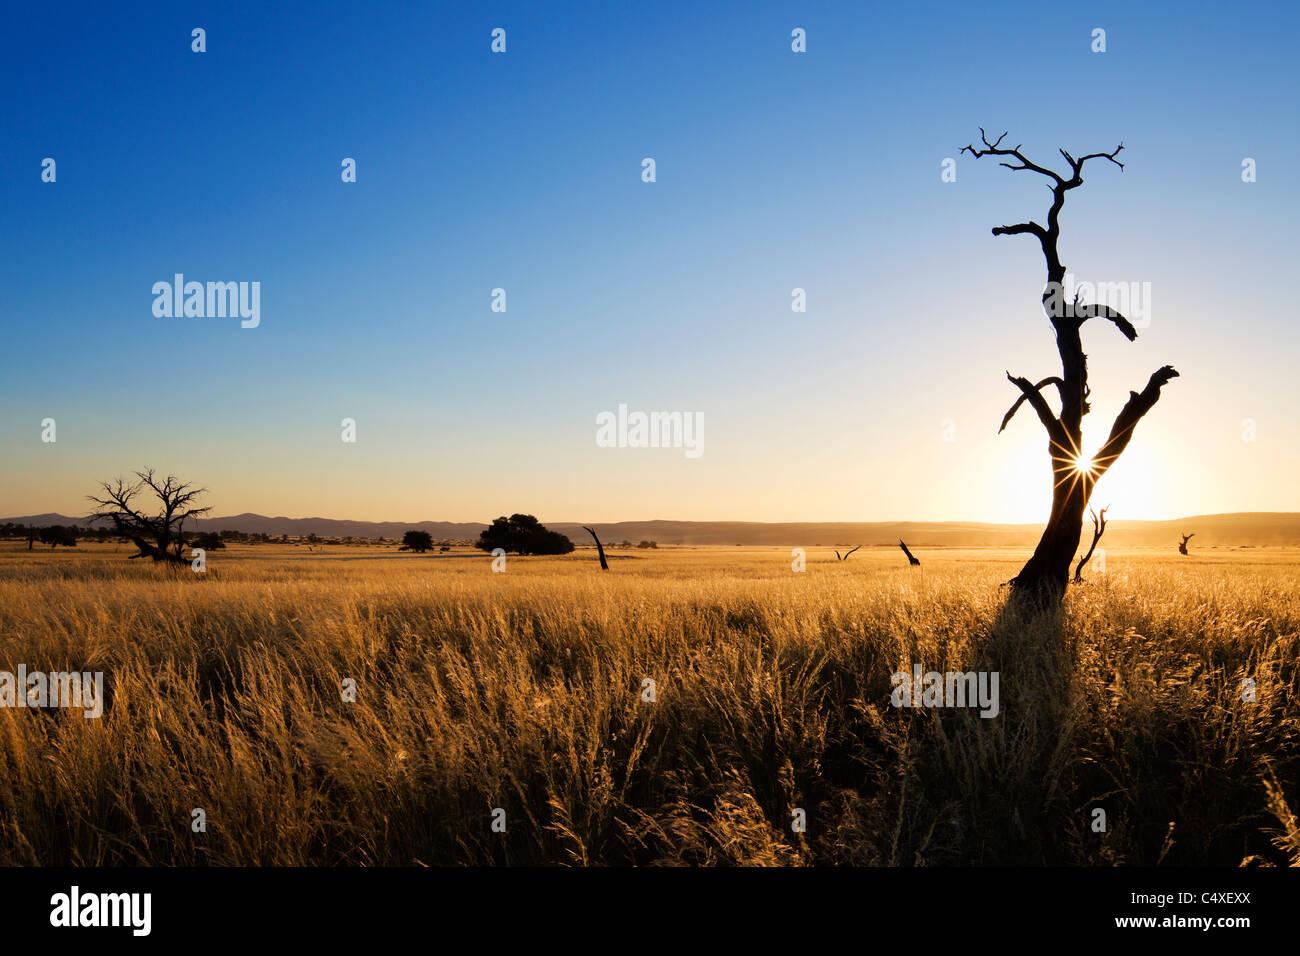 Montrant l'écologie unique de paysages du sud-ouest du désert du Namib ou pro -le Namib. NamibRand Photo Stock